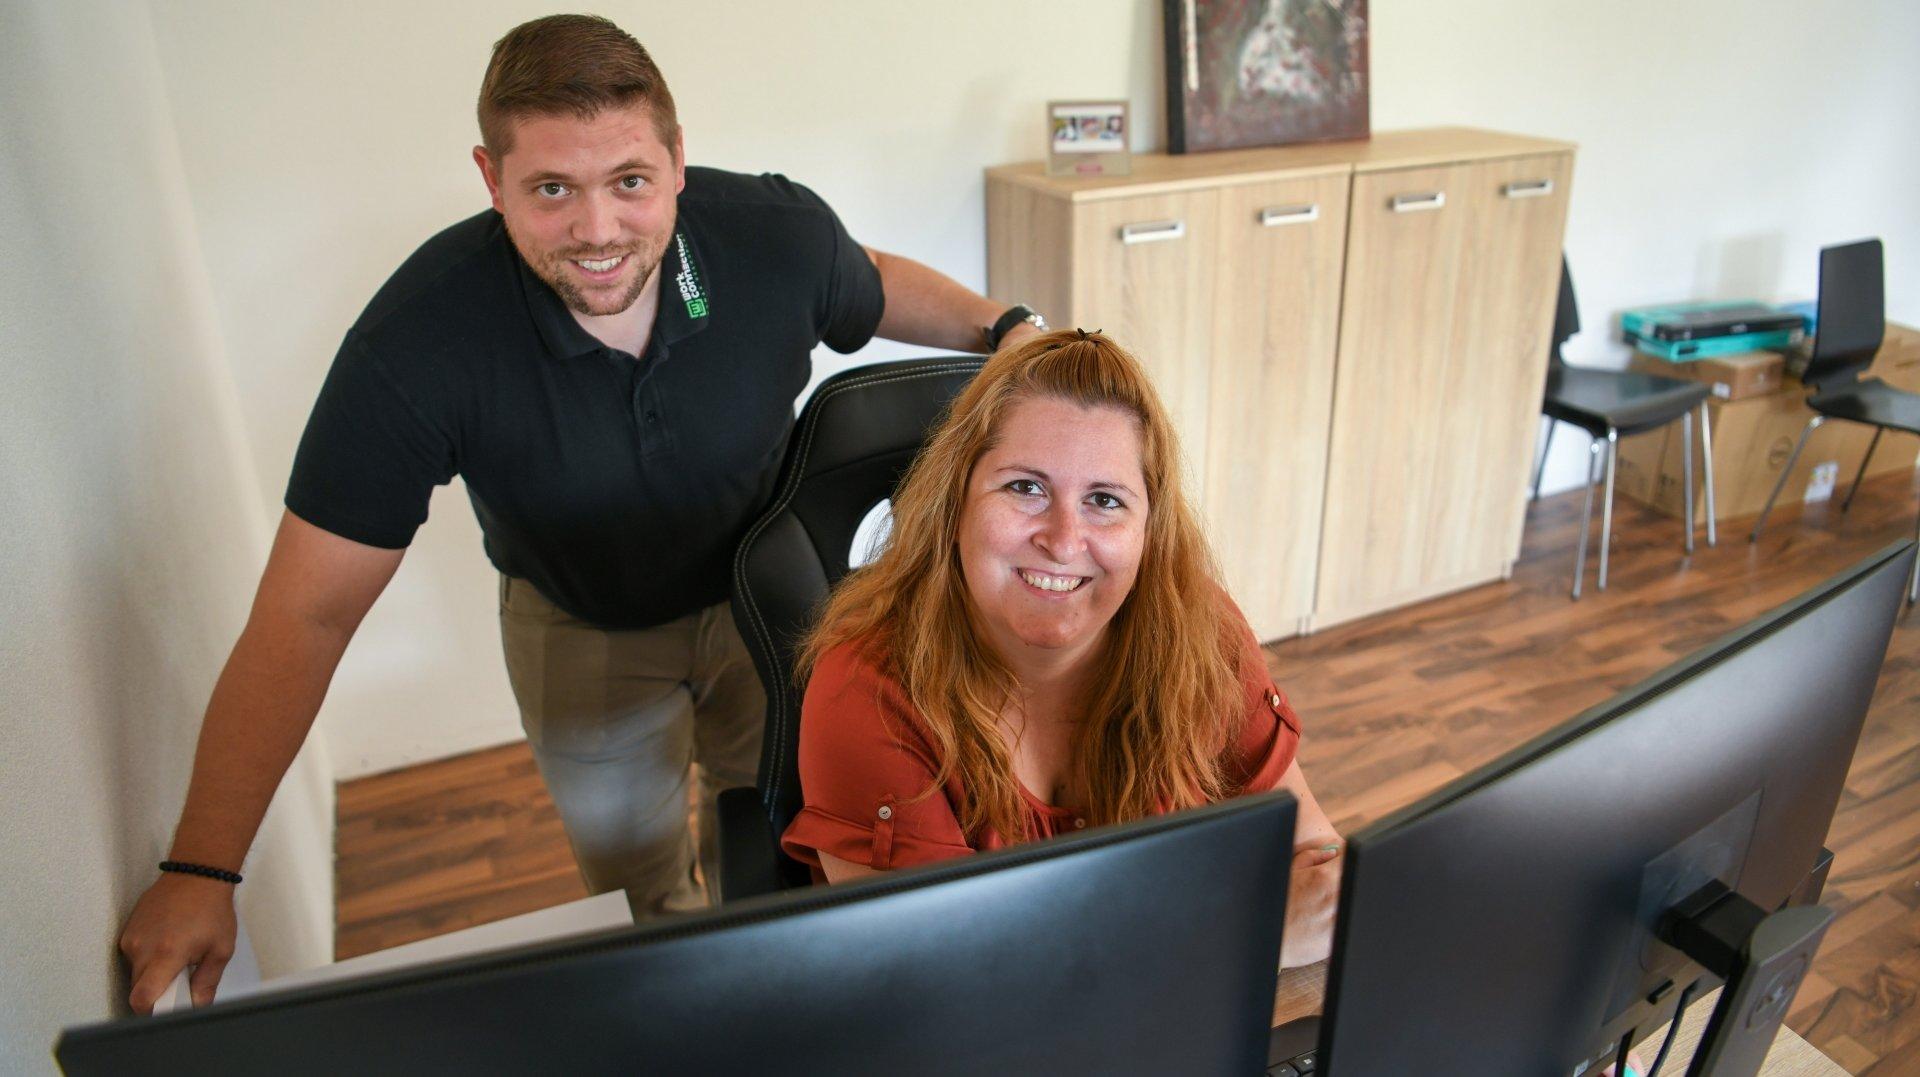 Une plateforme digitale neuchâteloise au secours des apprentis à la recherche d'une place